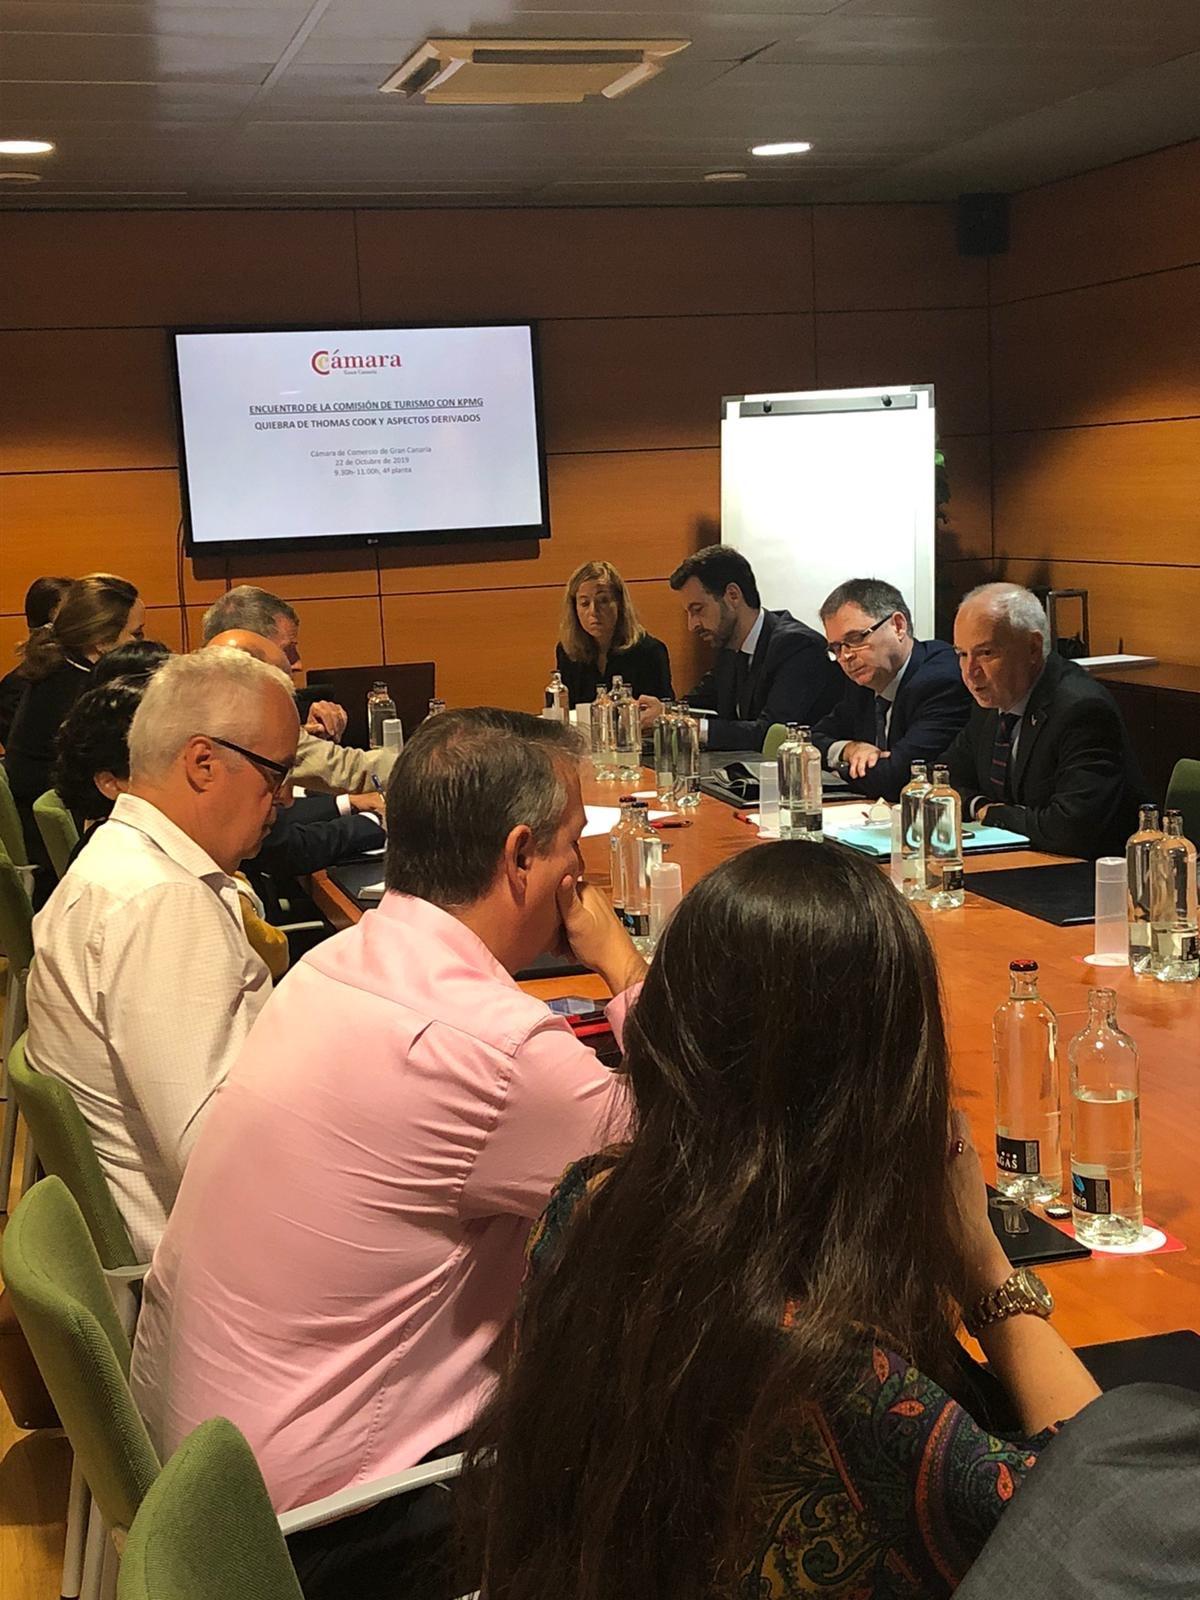 Reunión Comisión Turismo Cámara de Comercio de GRan Canaria